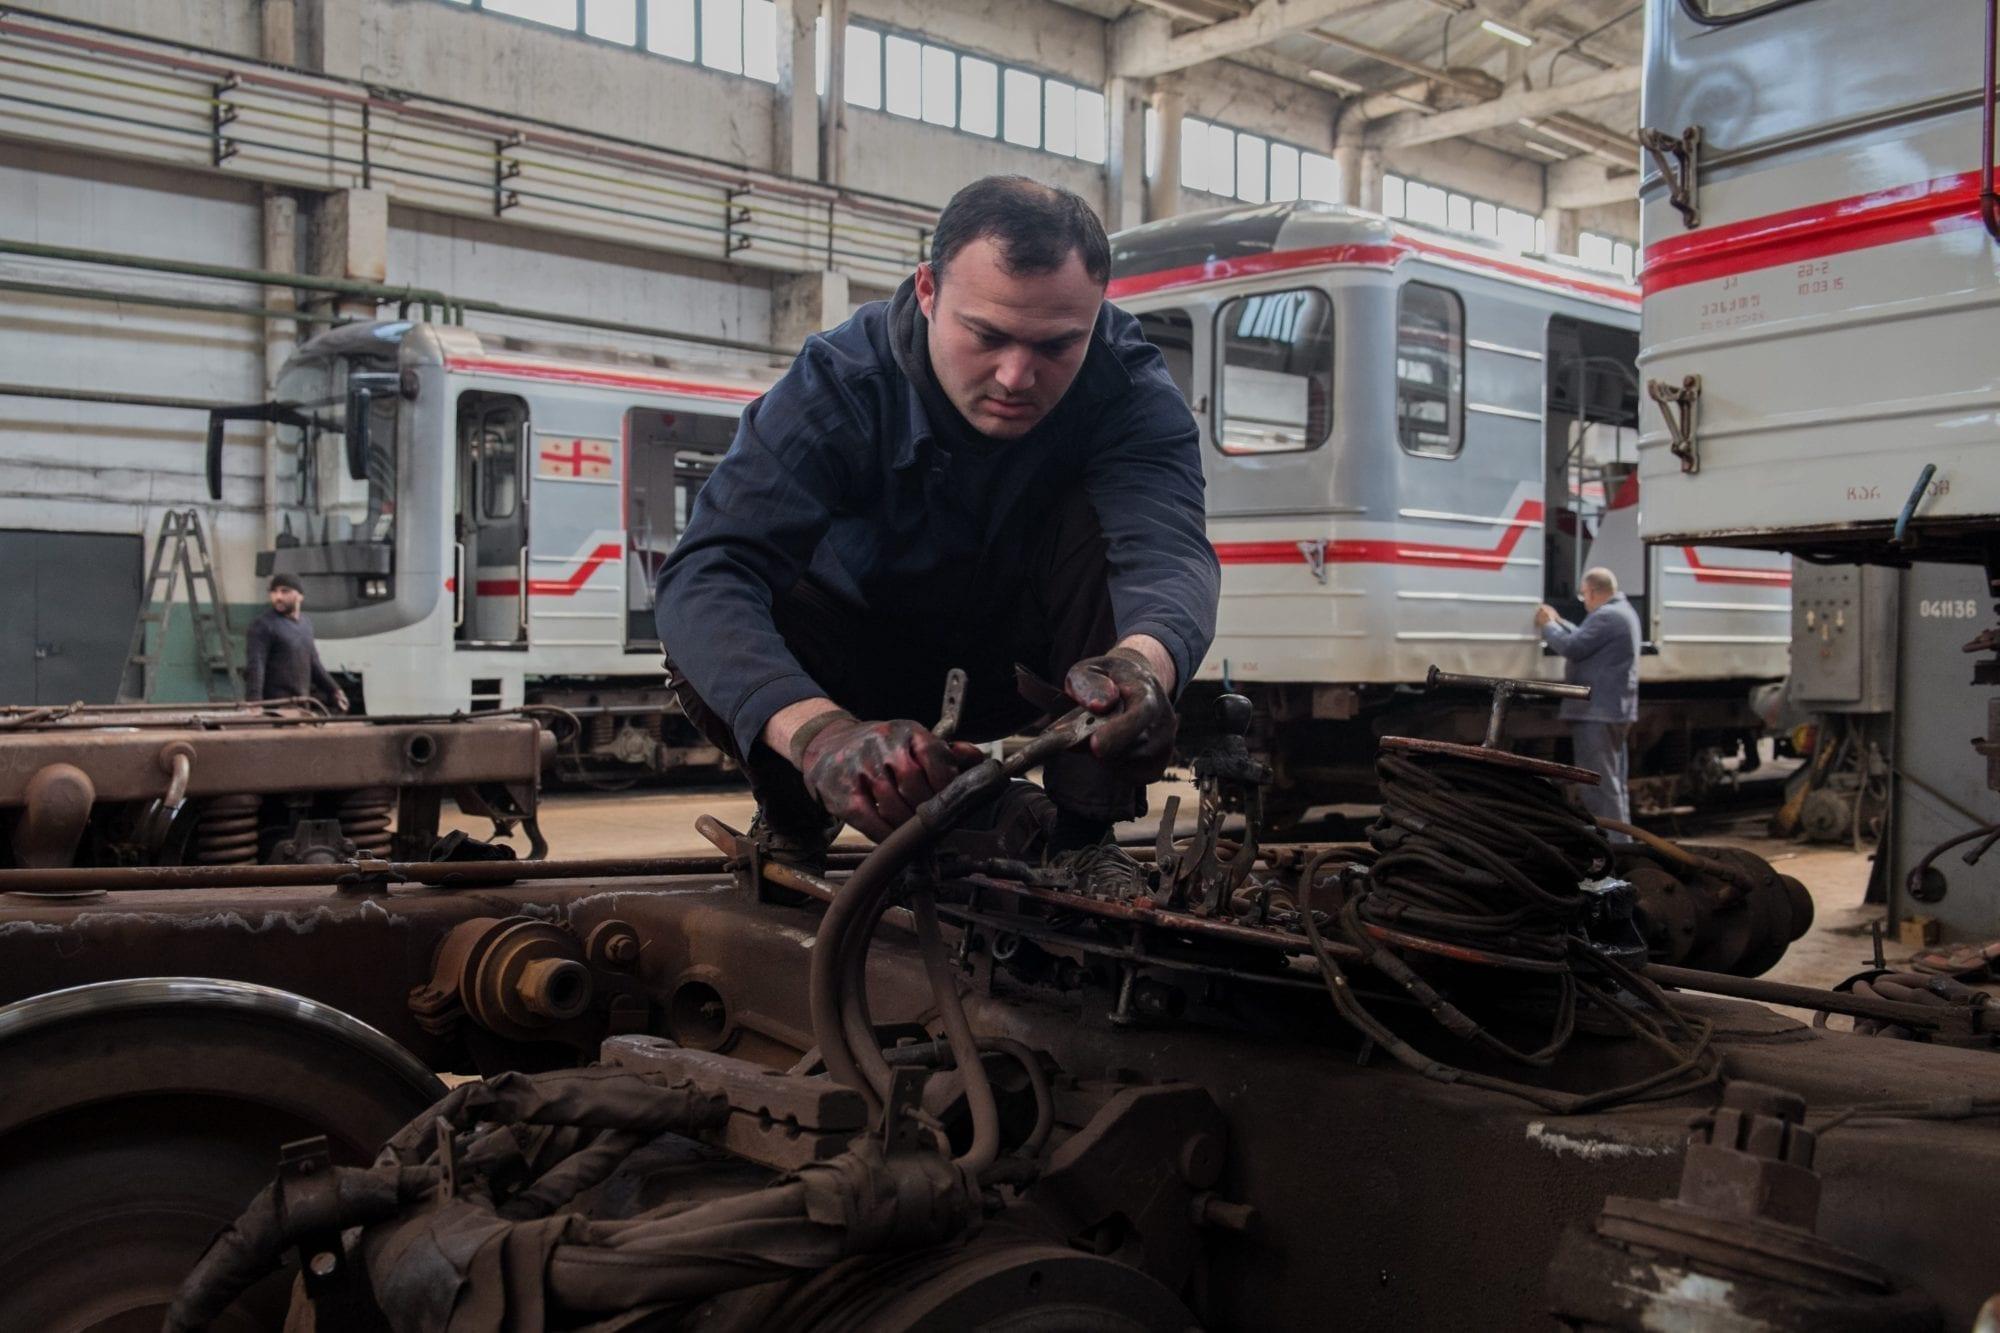 metro engineer worker